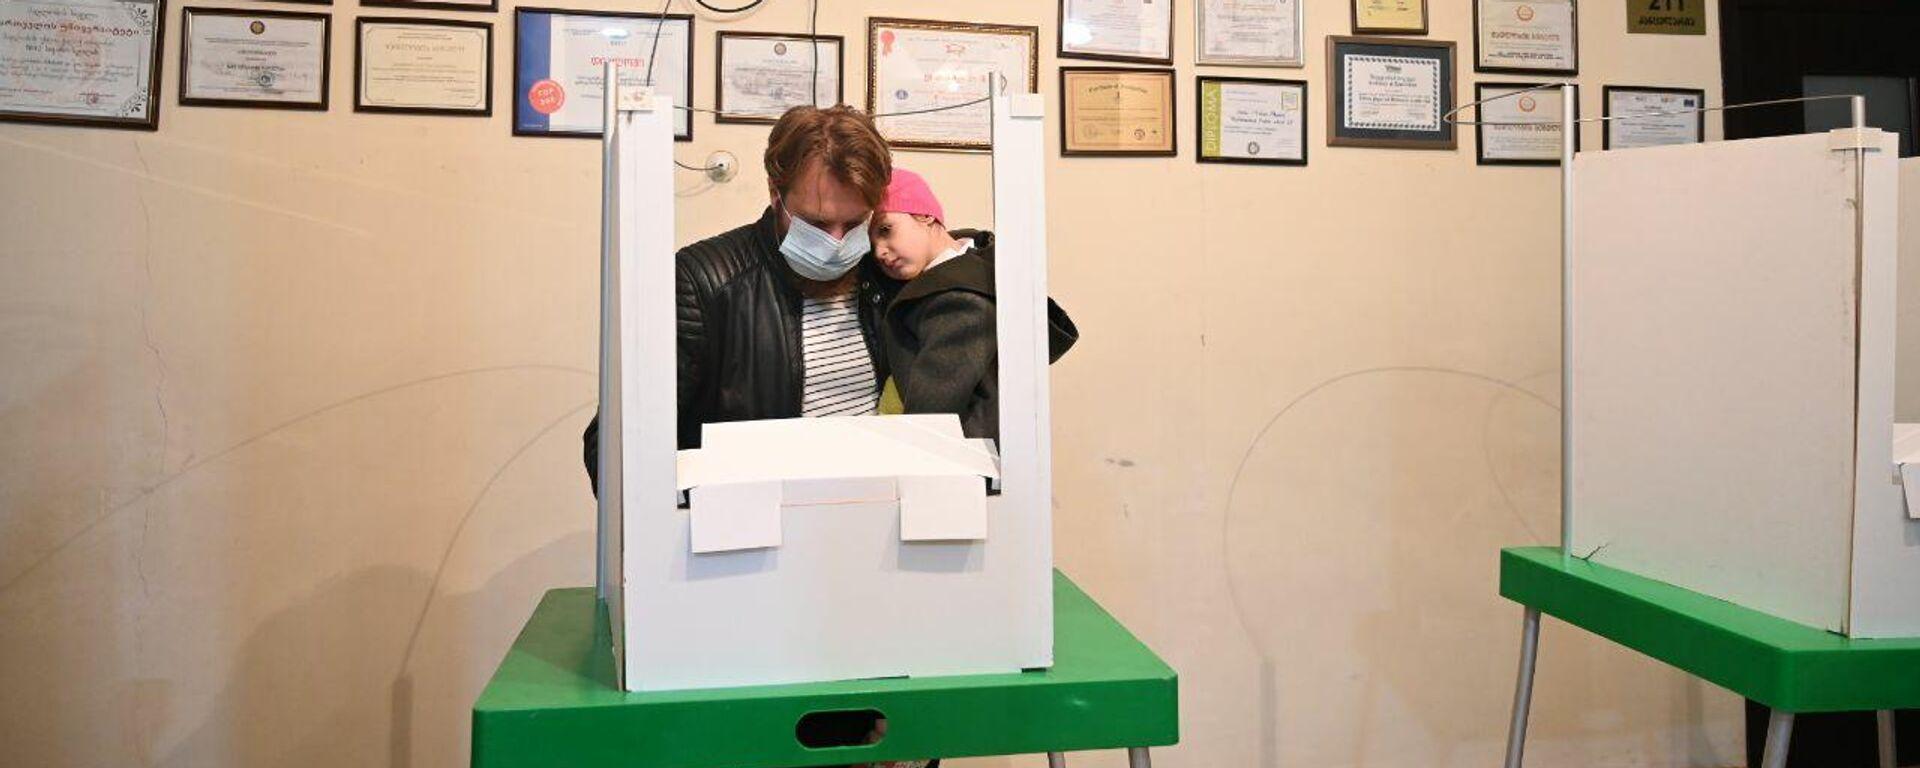 Местные выборы в Грузии 2 октября - избиратели участвуют в голосовании - Sputnik Грузия, 1920, 07.10.2021